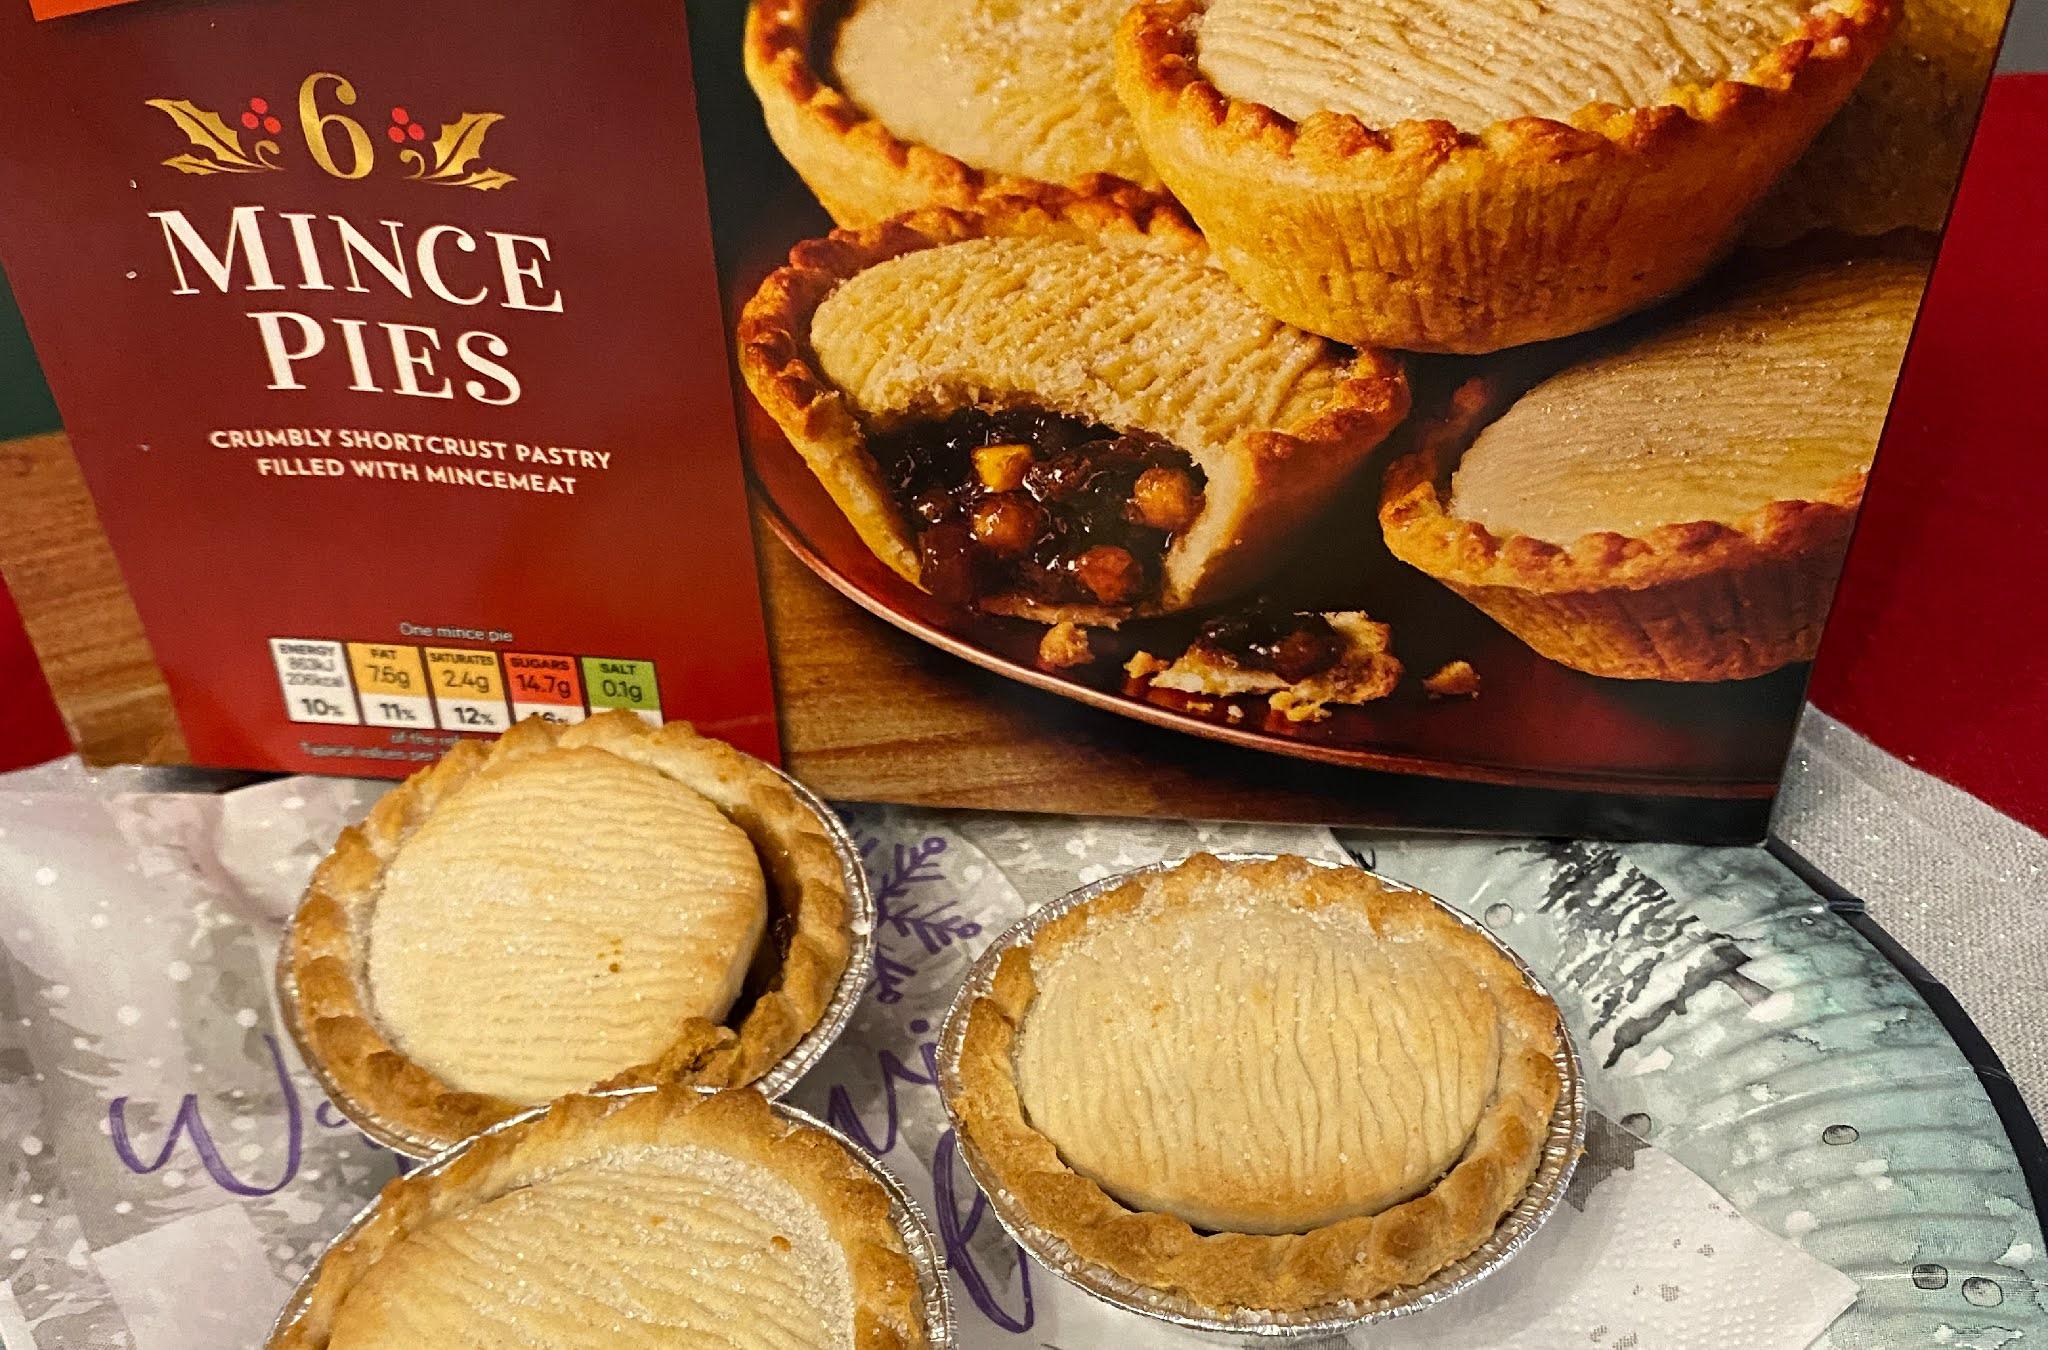 Jack's Mince Pie